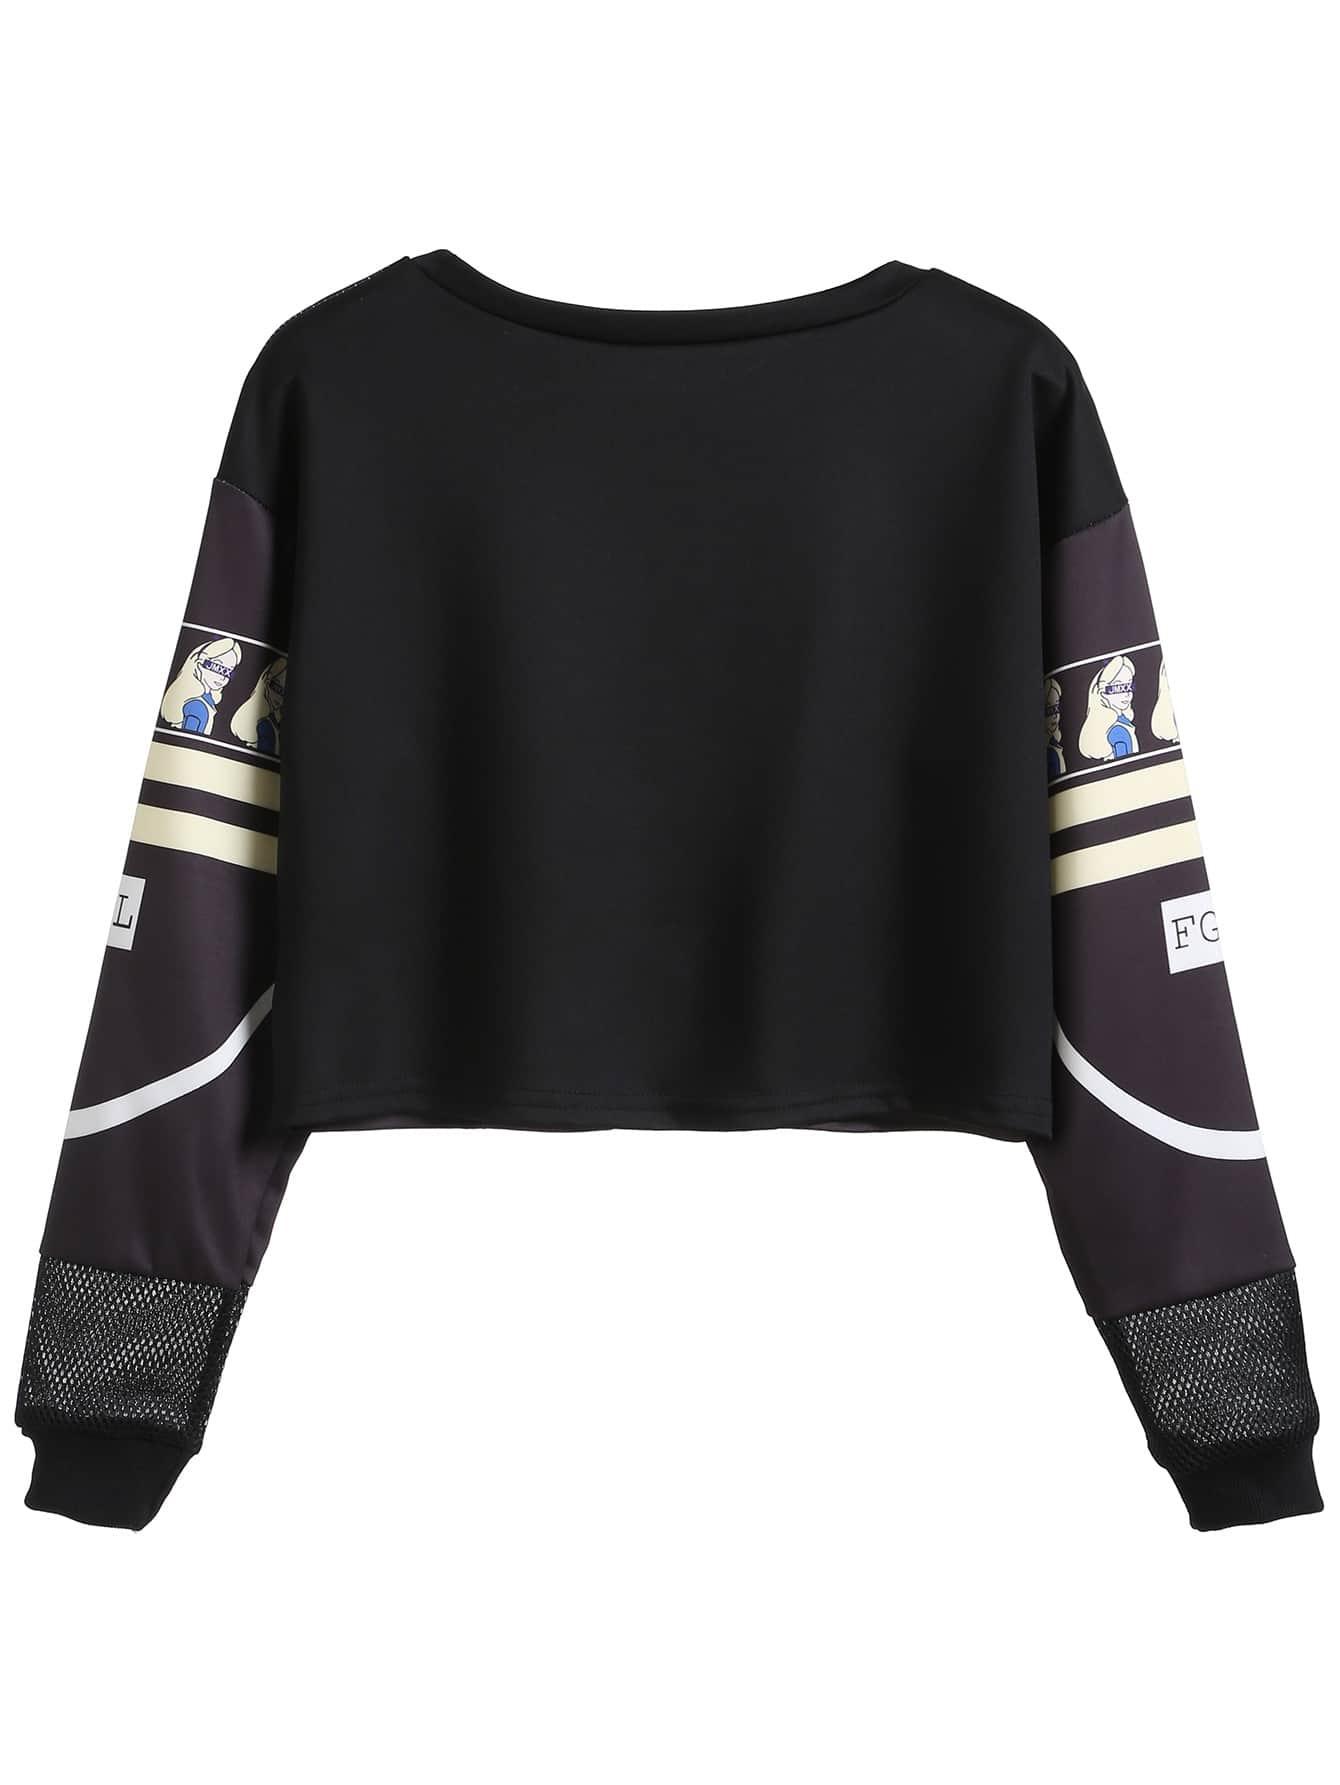 sweatshirt160824107_2